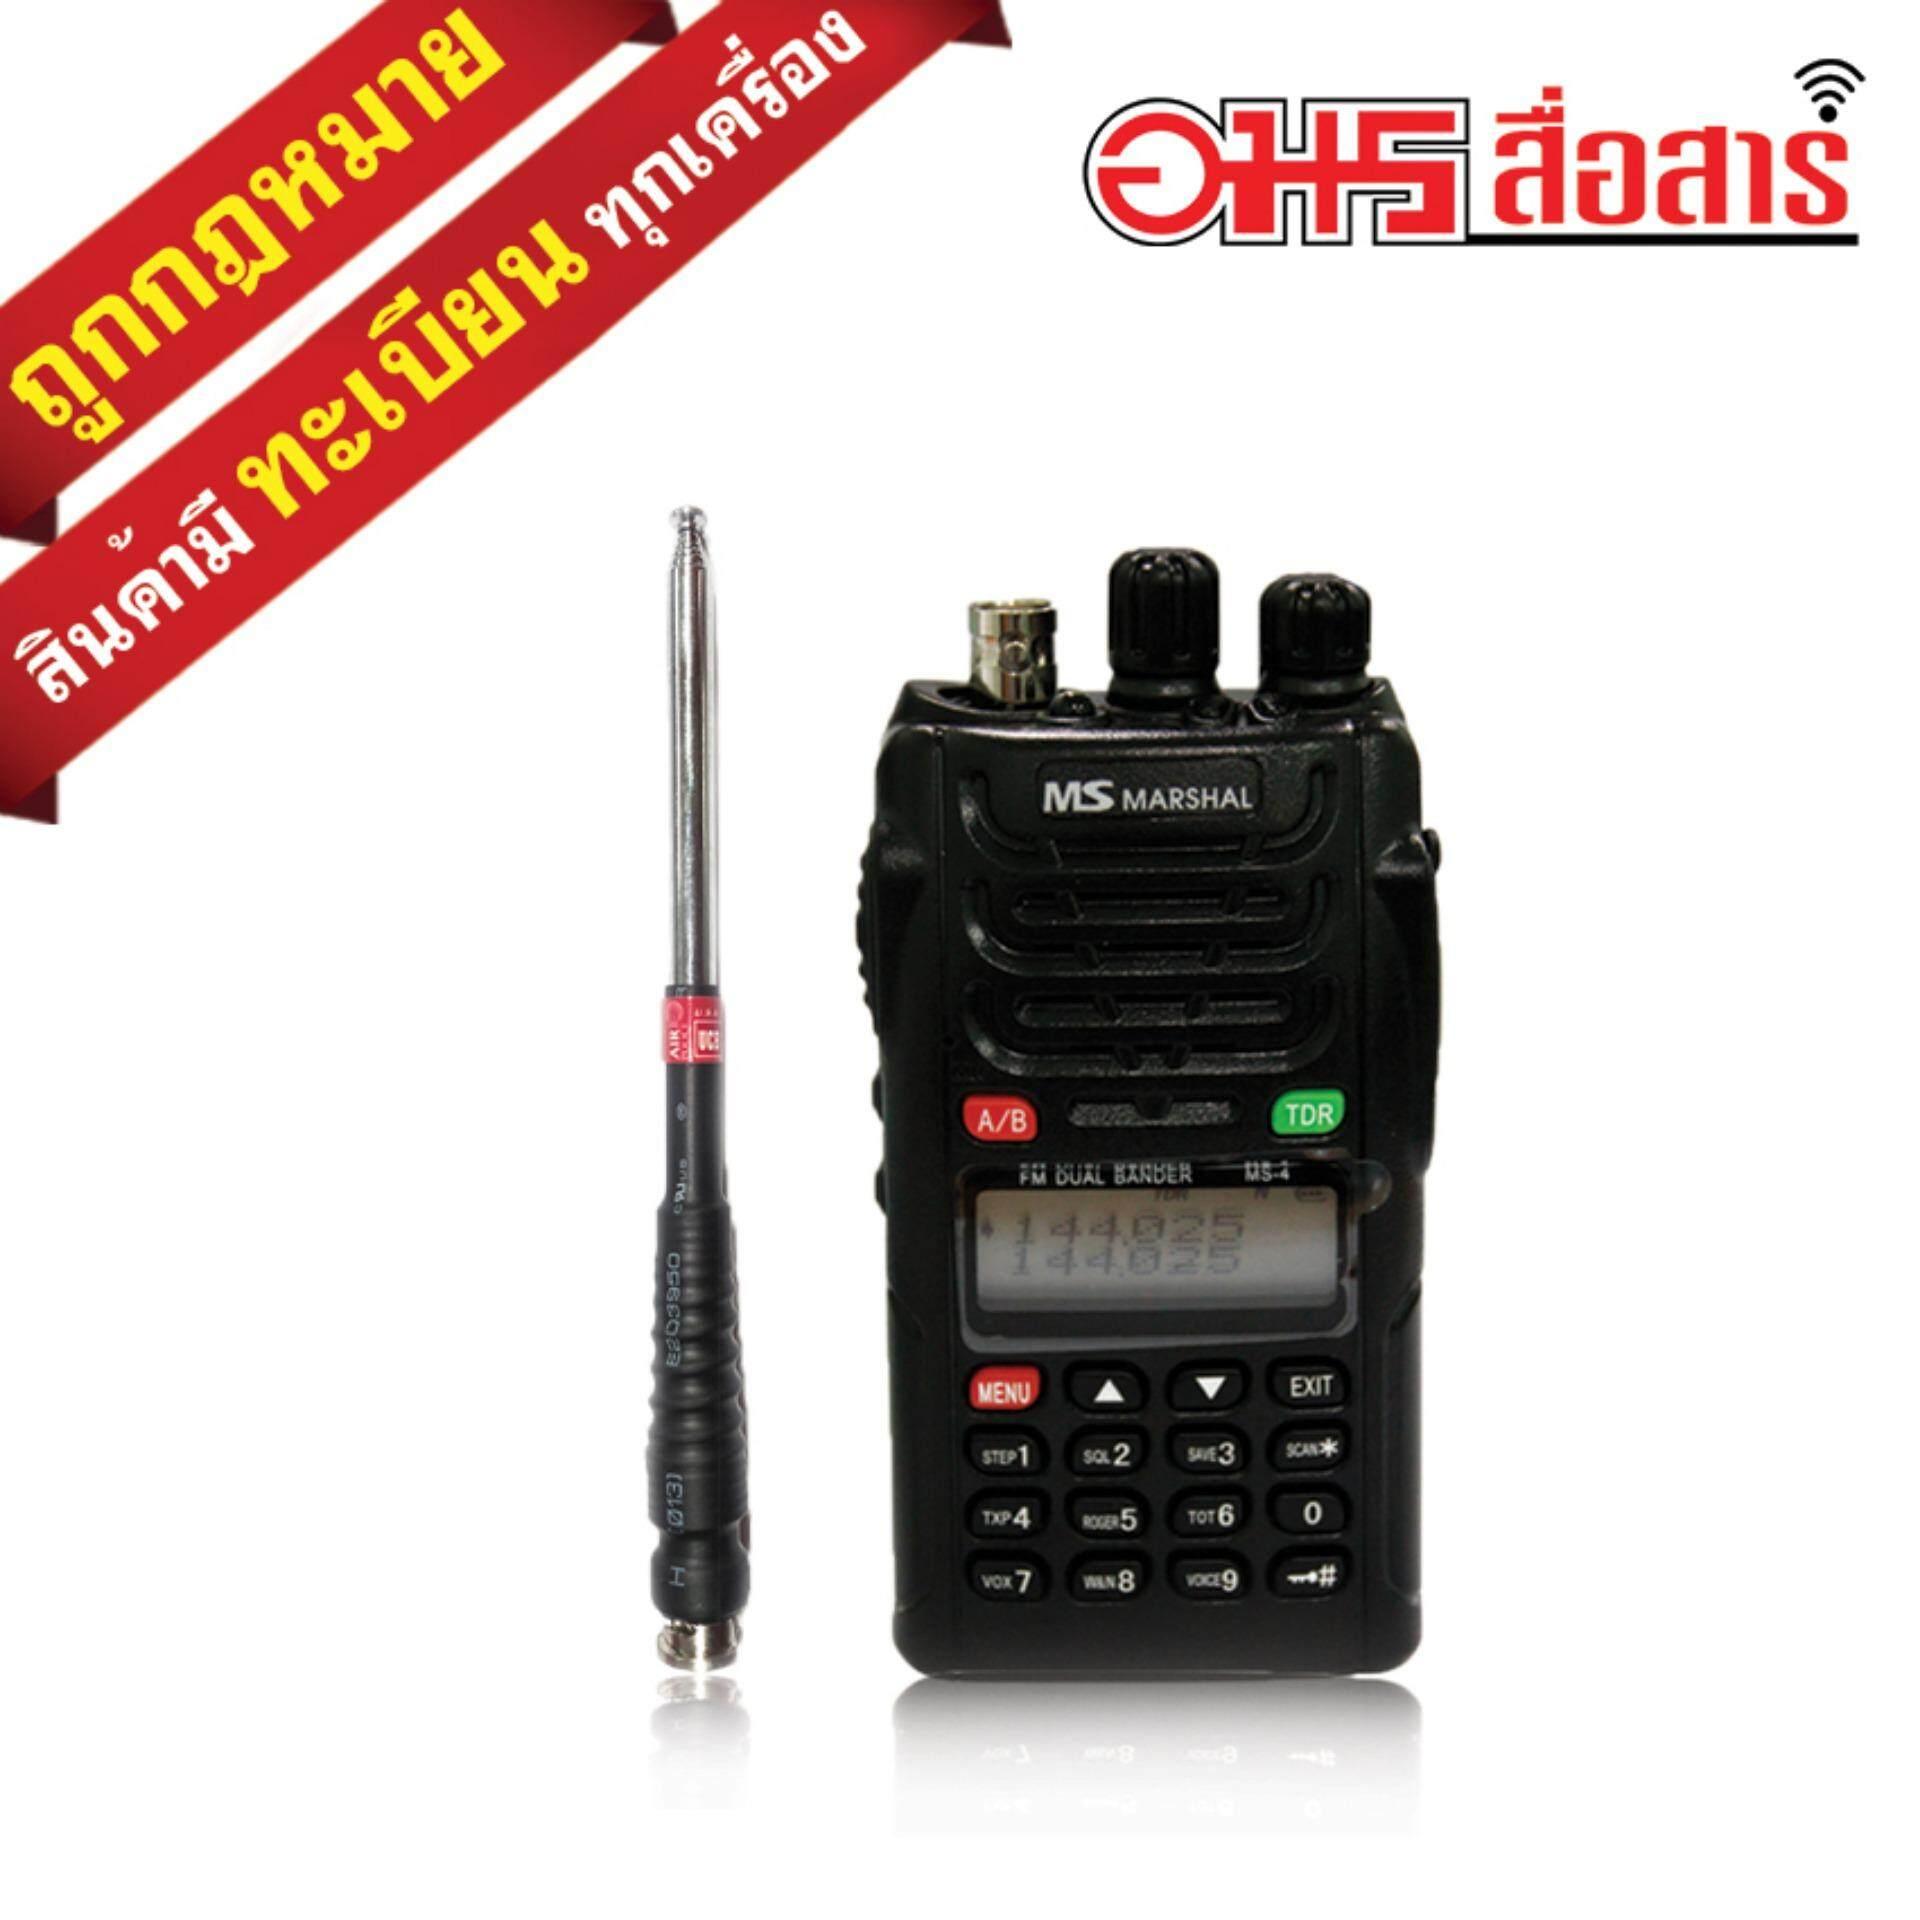 ราคา Ms Marshal วิทยุสื่อสาร 5W รุ่น Ms 4 สีดำ พร้อม เสาสไลด์7ท่อน Walkie Talkie Walkie Talkie อมรสื่อสาร เป็นต้นฉบับ